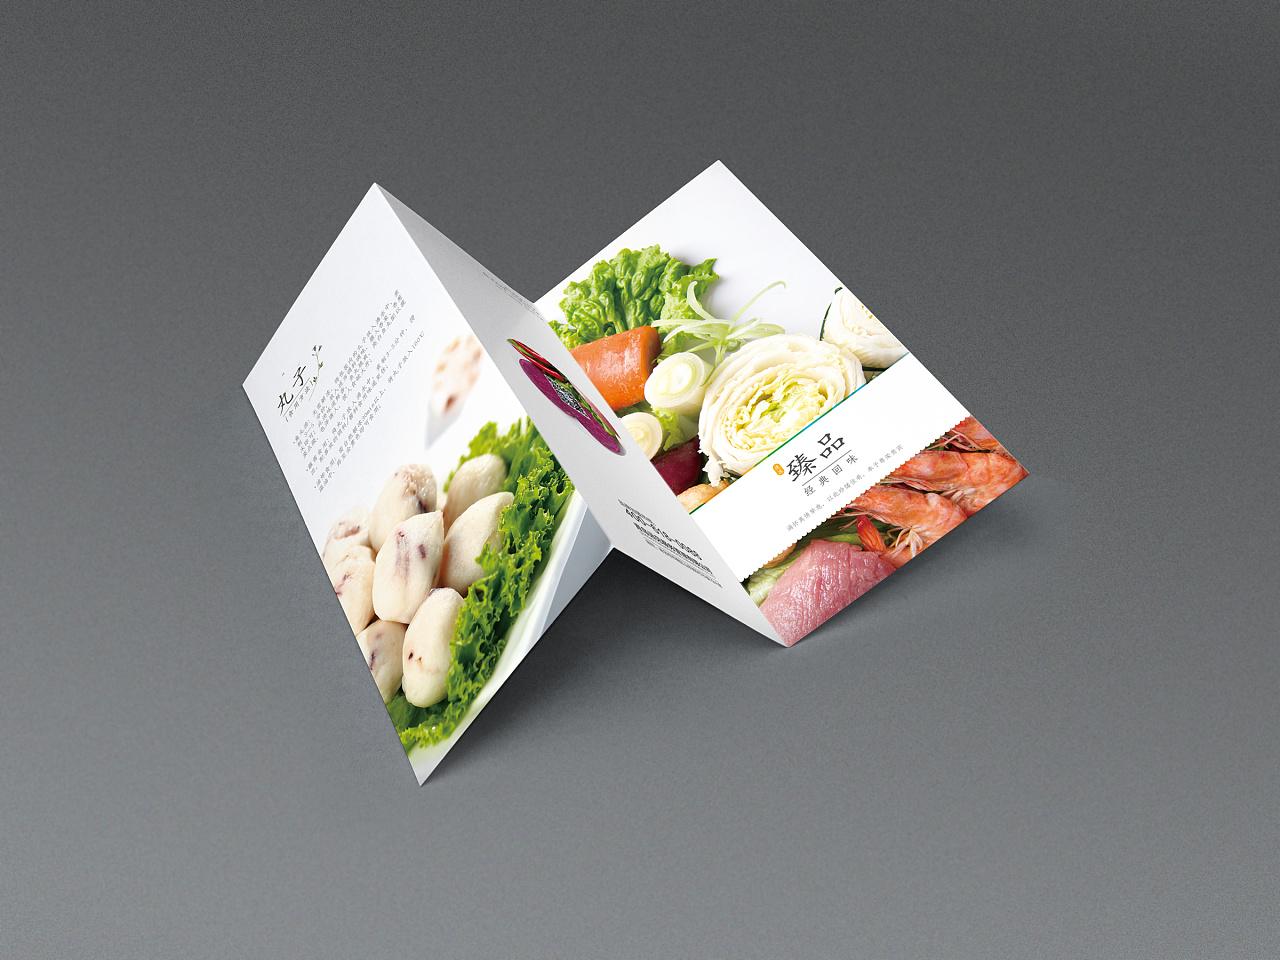 小清新 食品折页设计